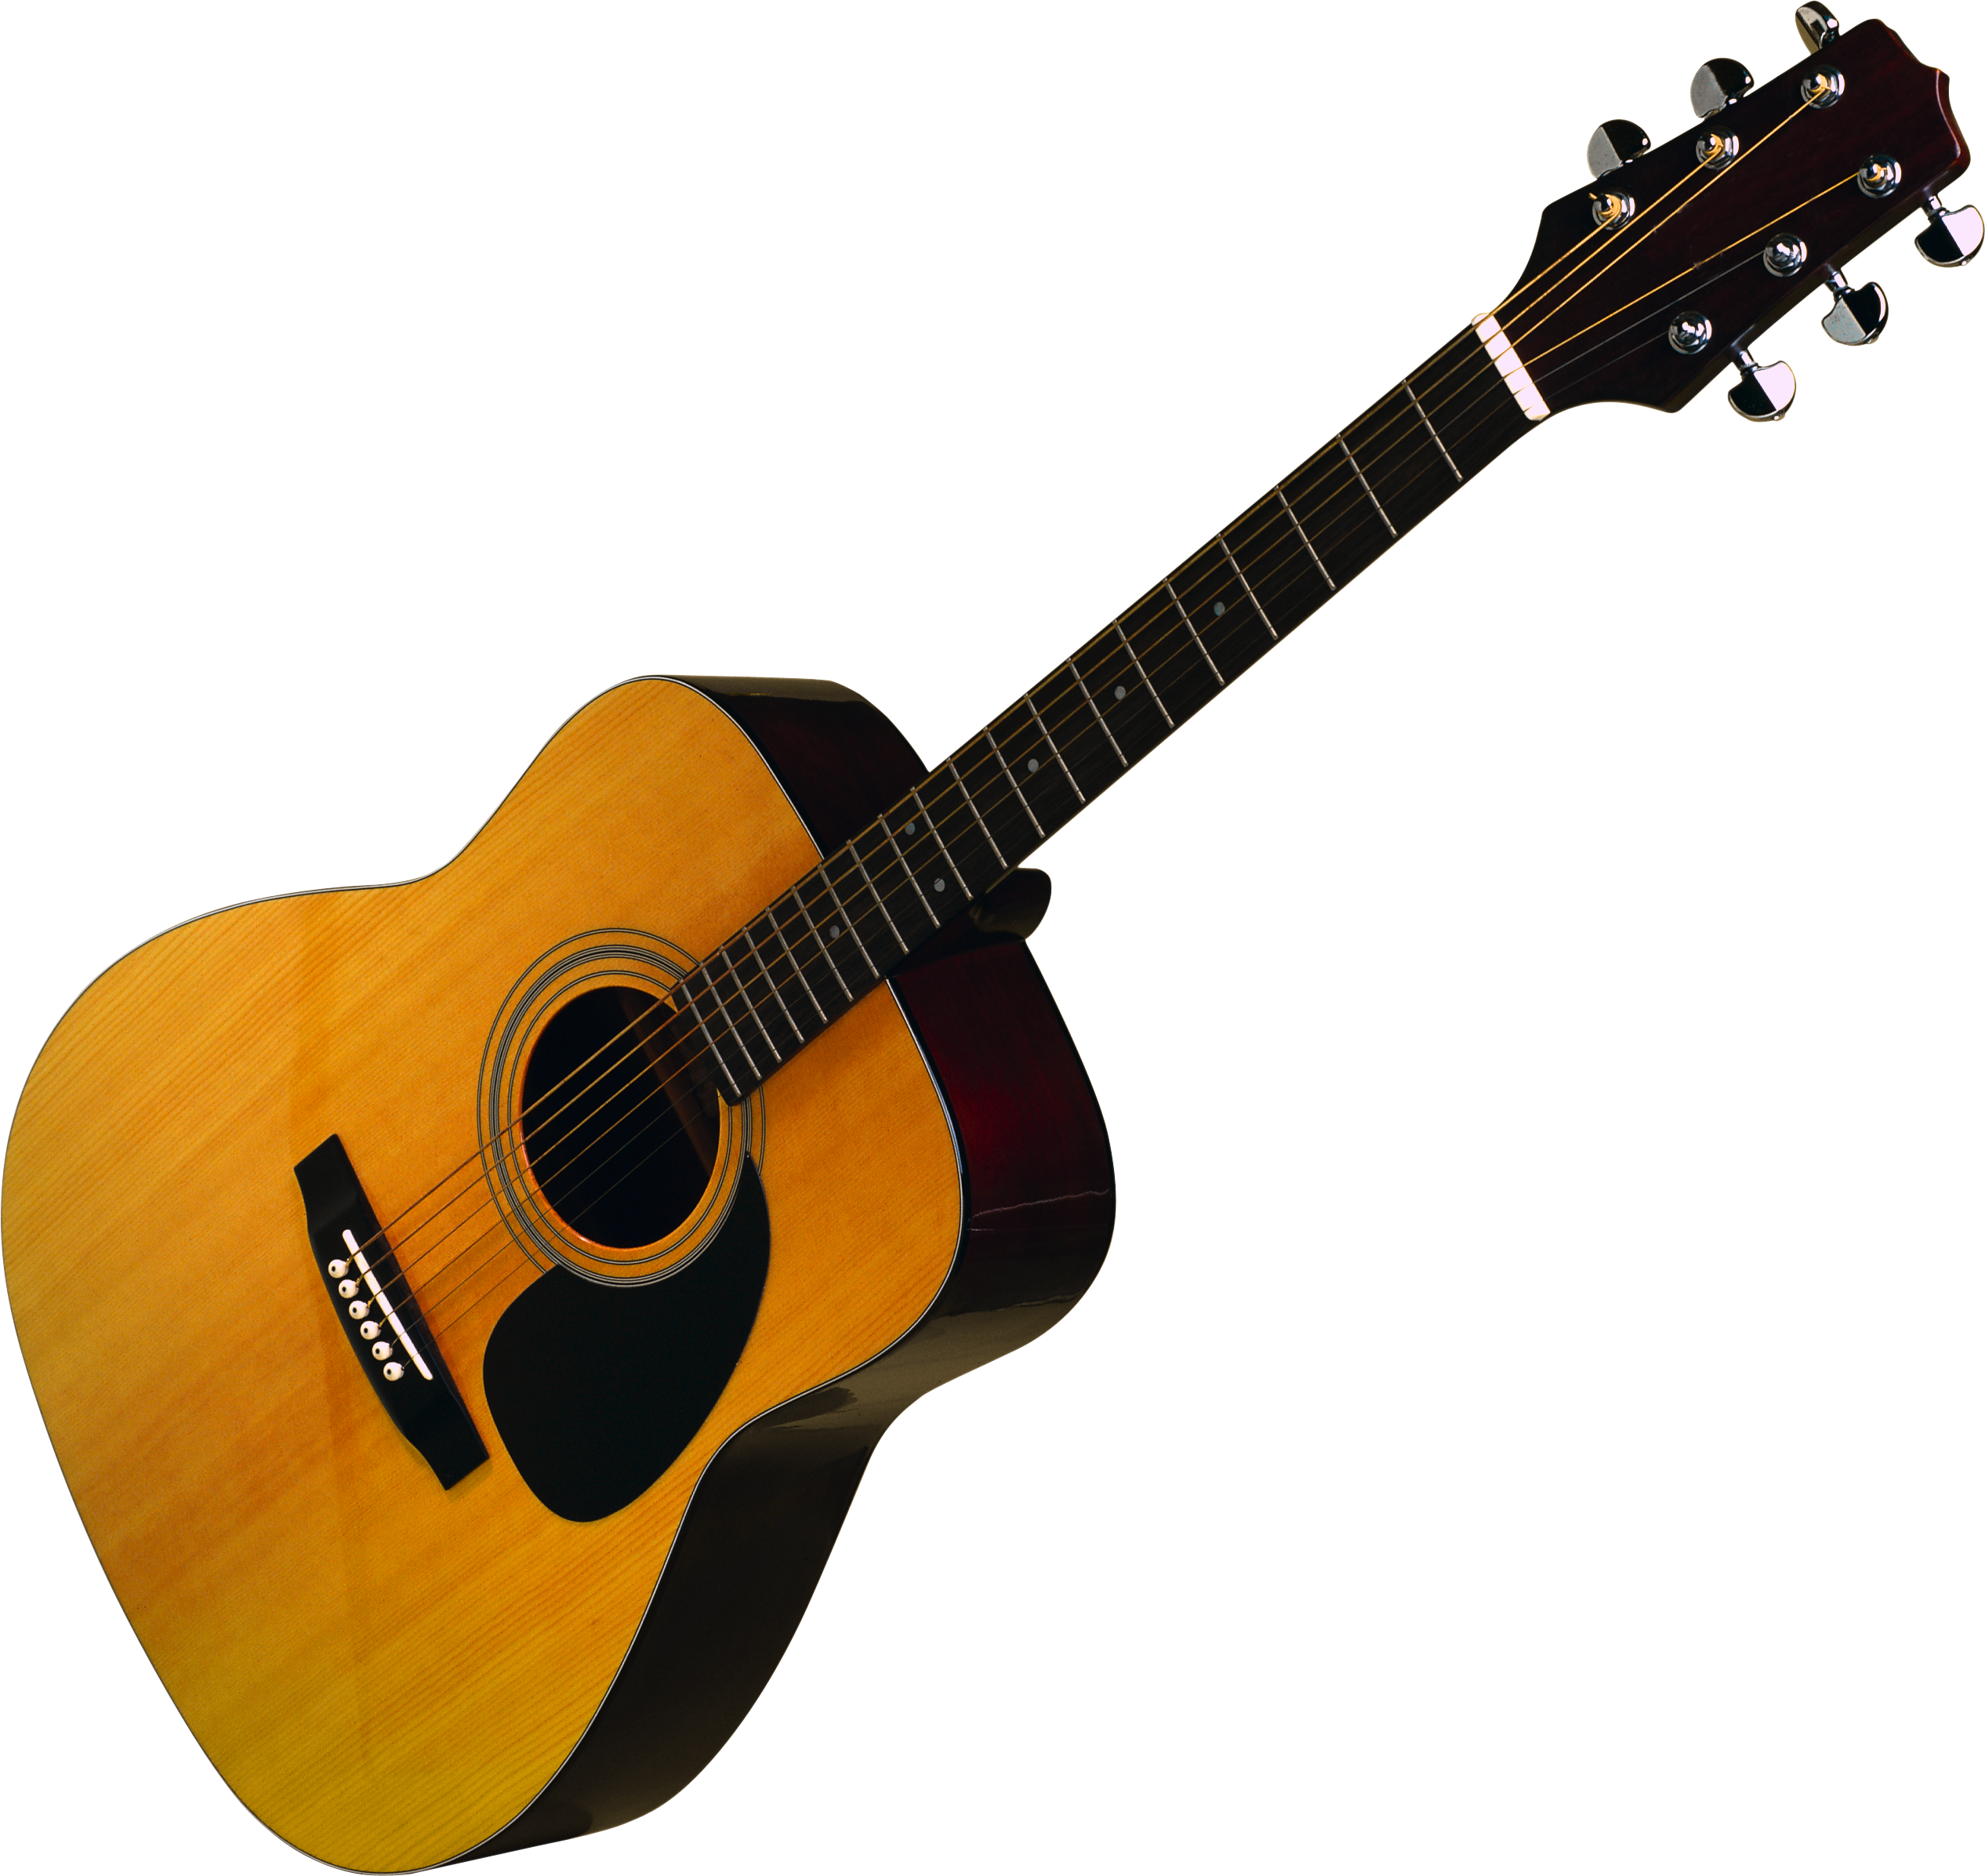 Guitar HD PNG - 116802